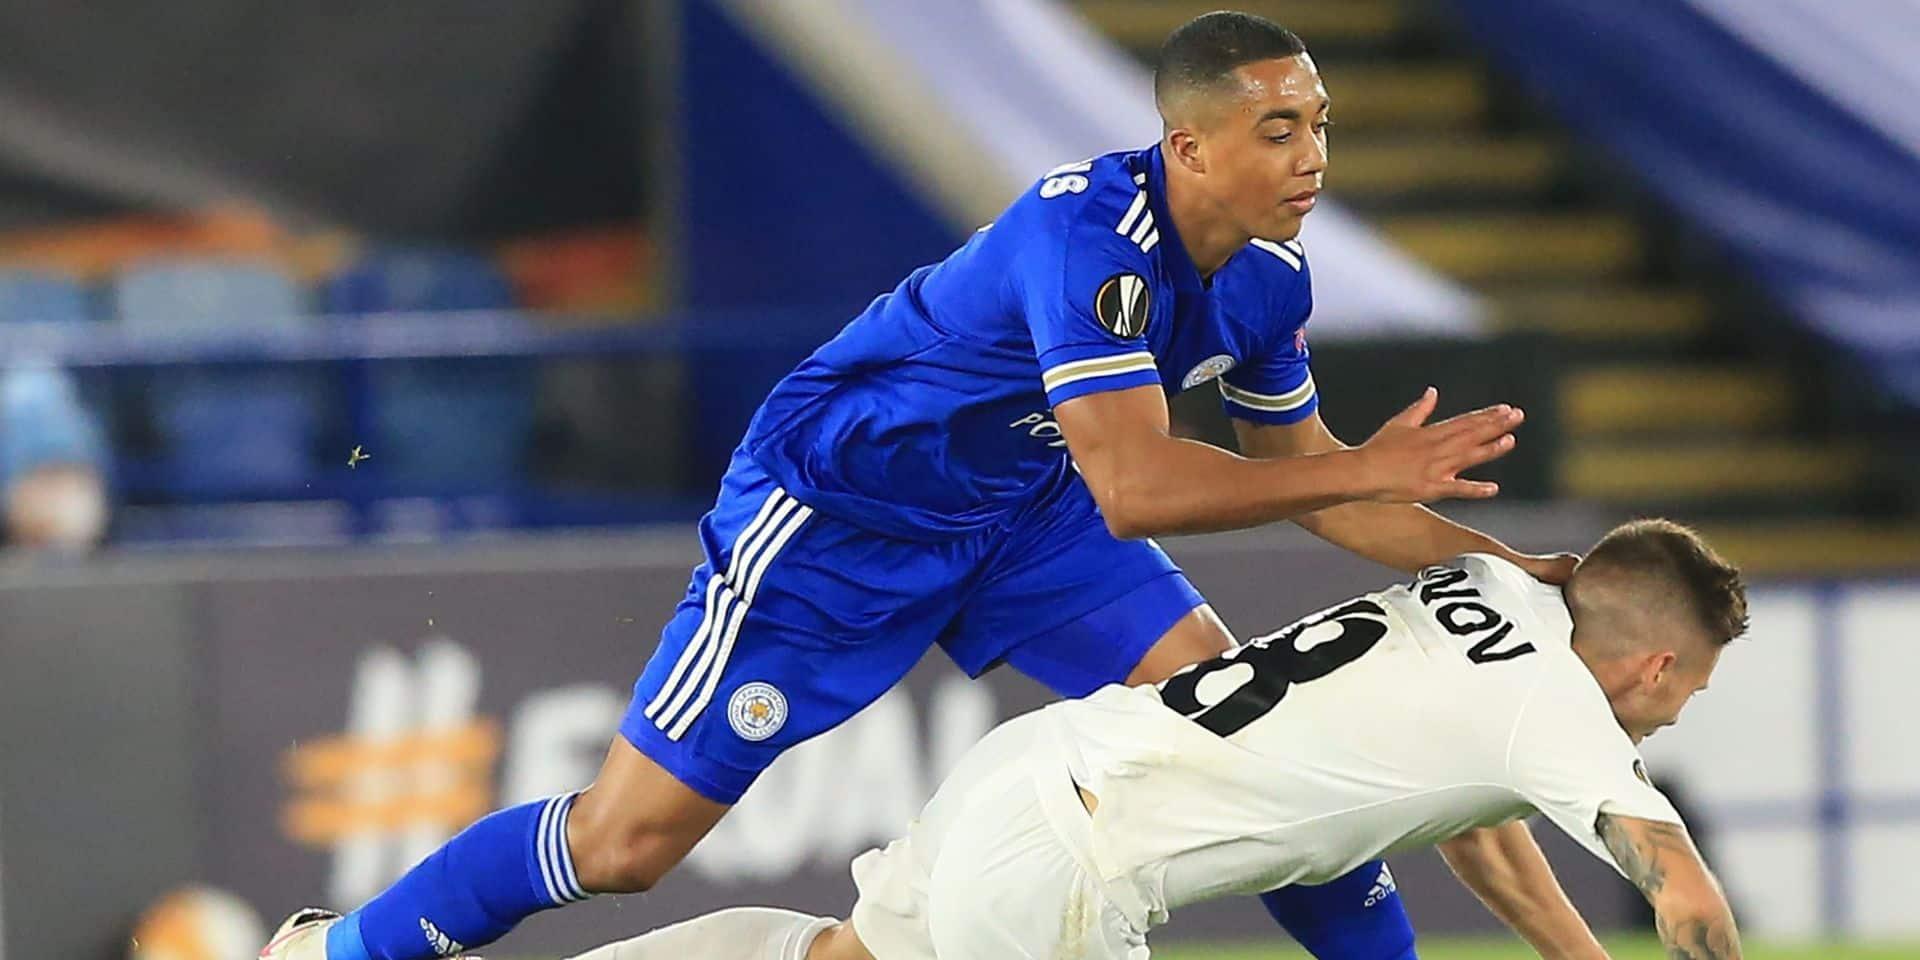 Leicester et ses Belges s'imposent, Saelemaekers passeur lors de la victoire de Milan